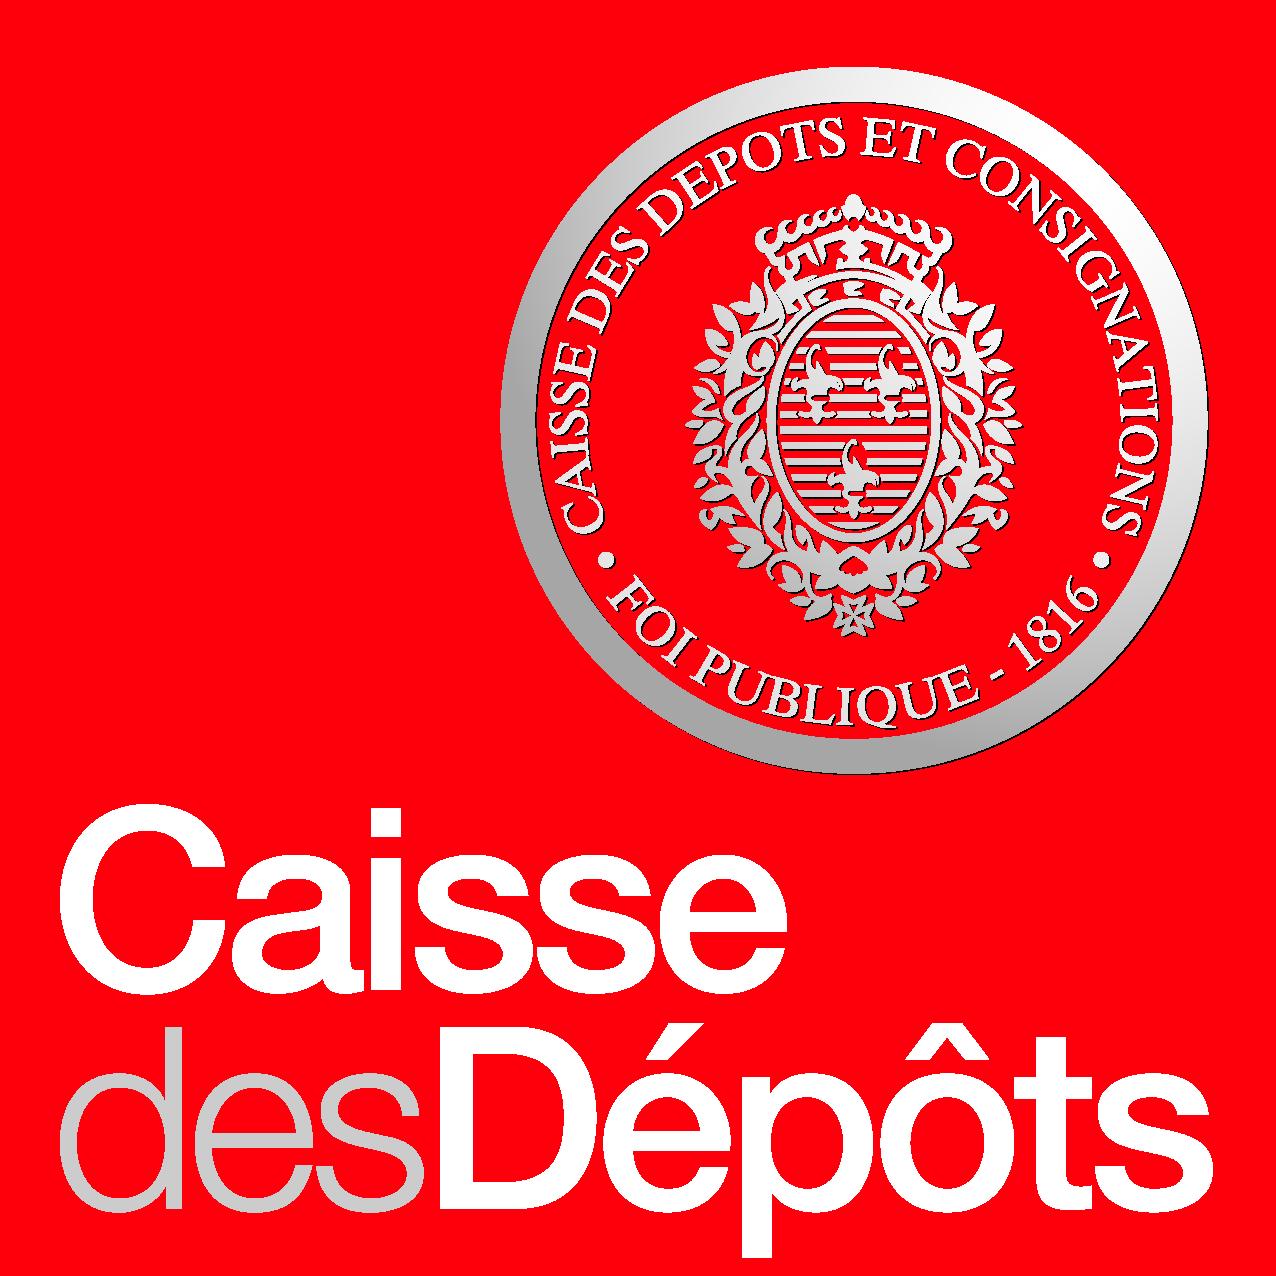 Caisse_Des_depots_et_consignation